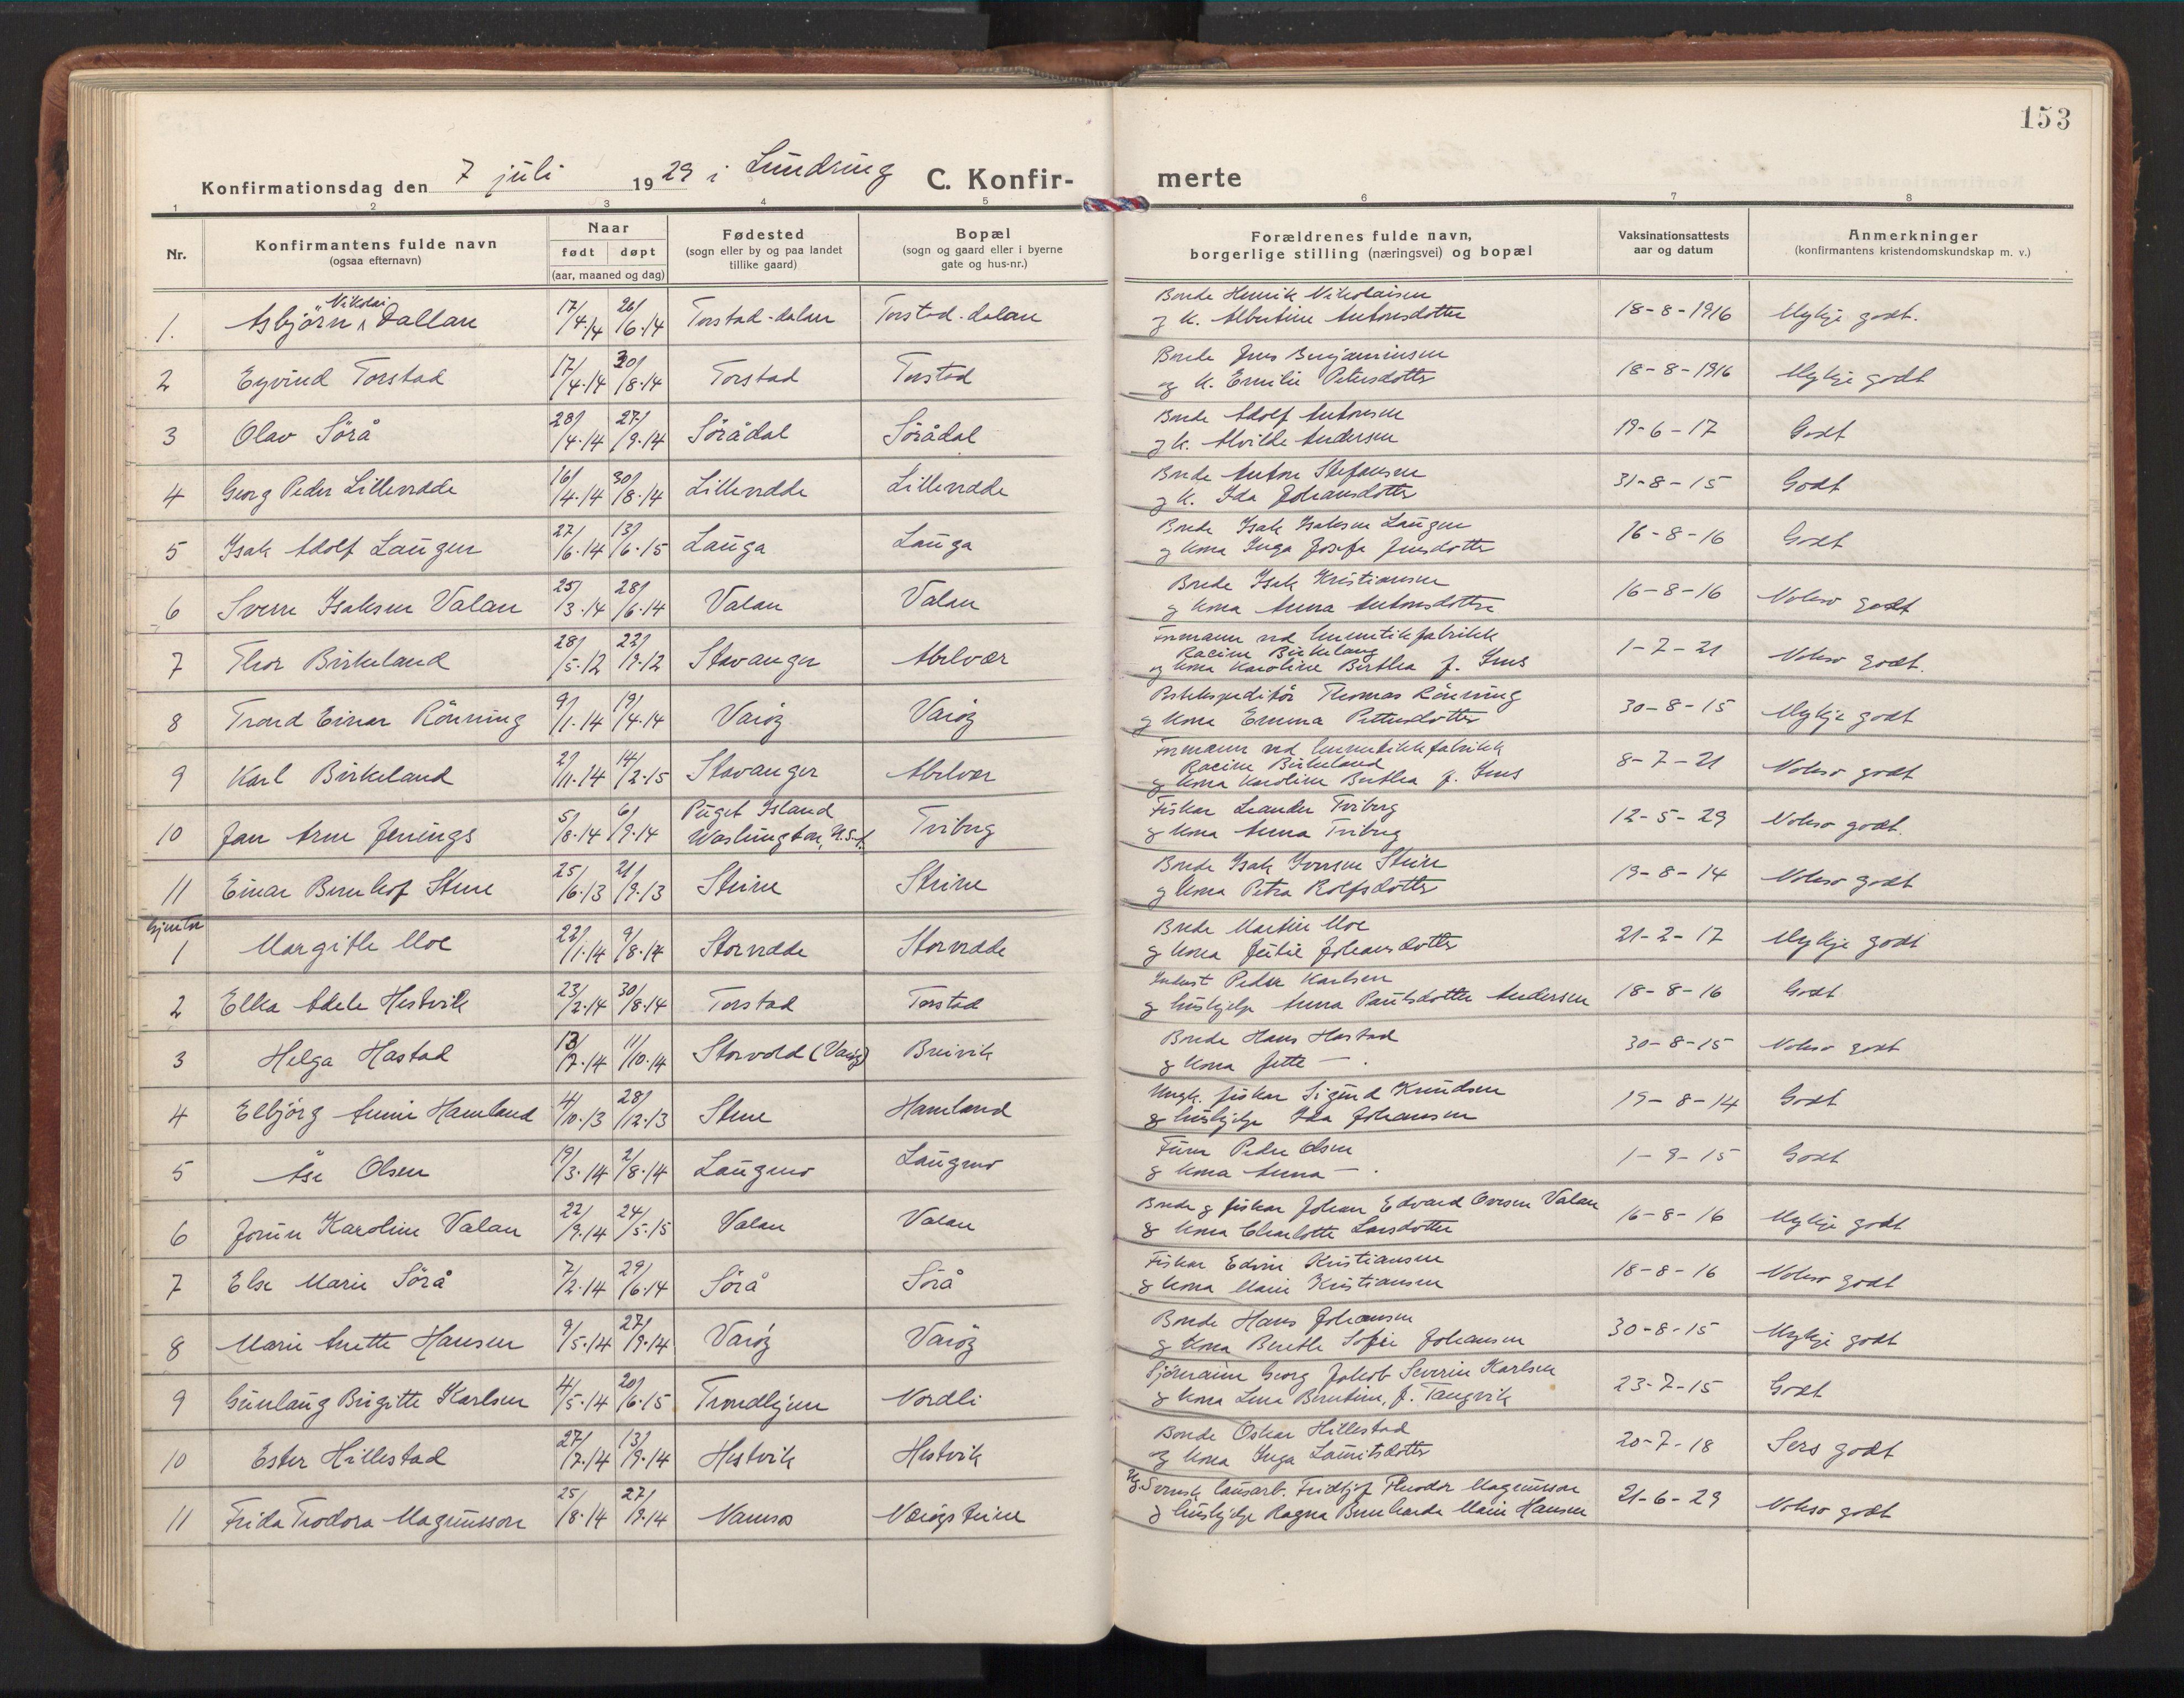 SAT, Ministerialprotokoller, klokkerbøker og fødselsregistre - Nord-Trøndelag, 784/L0678: Ministerialbok nr. 784A13, 1921-1938, s. 153